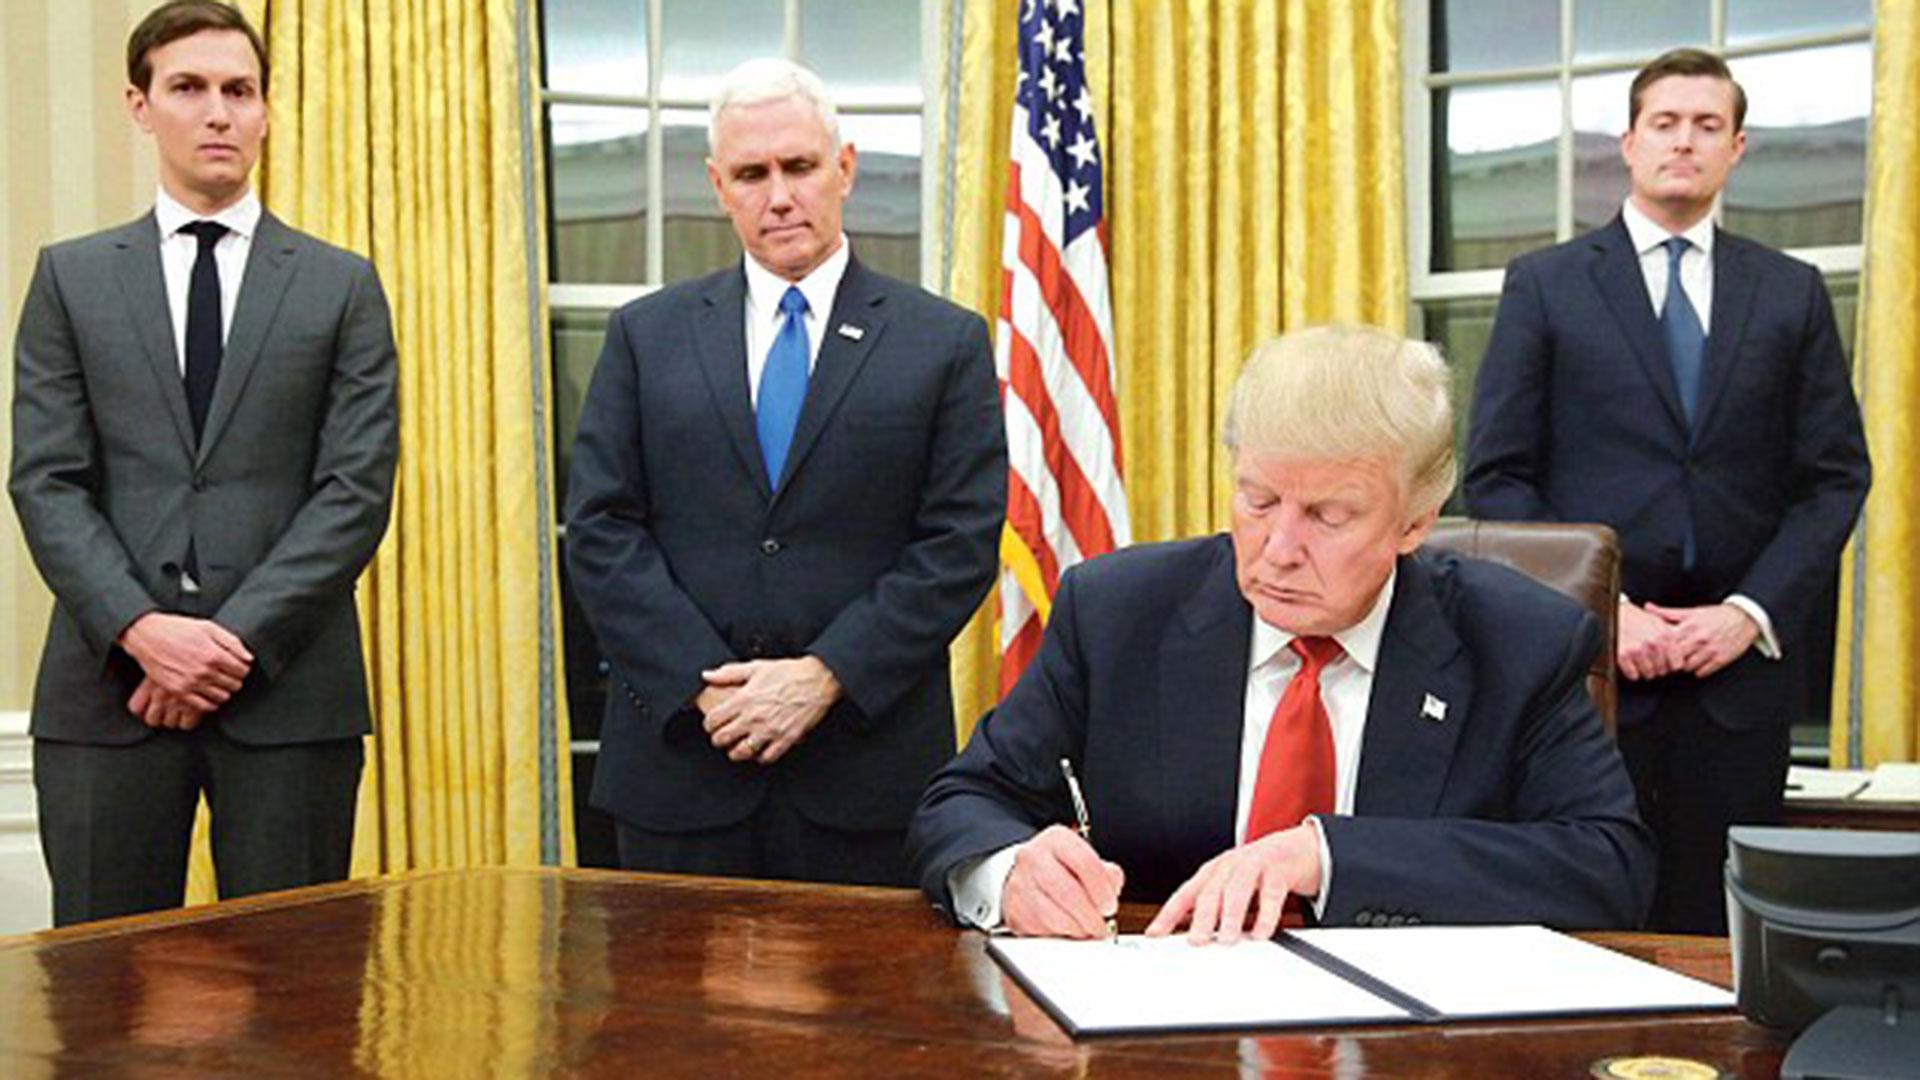 Donald Trump en el Despacho Oval de la Casa Blanca (Imagen de archivo)